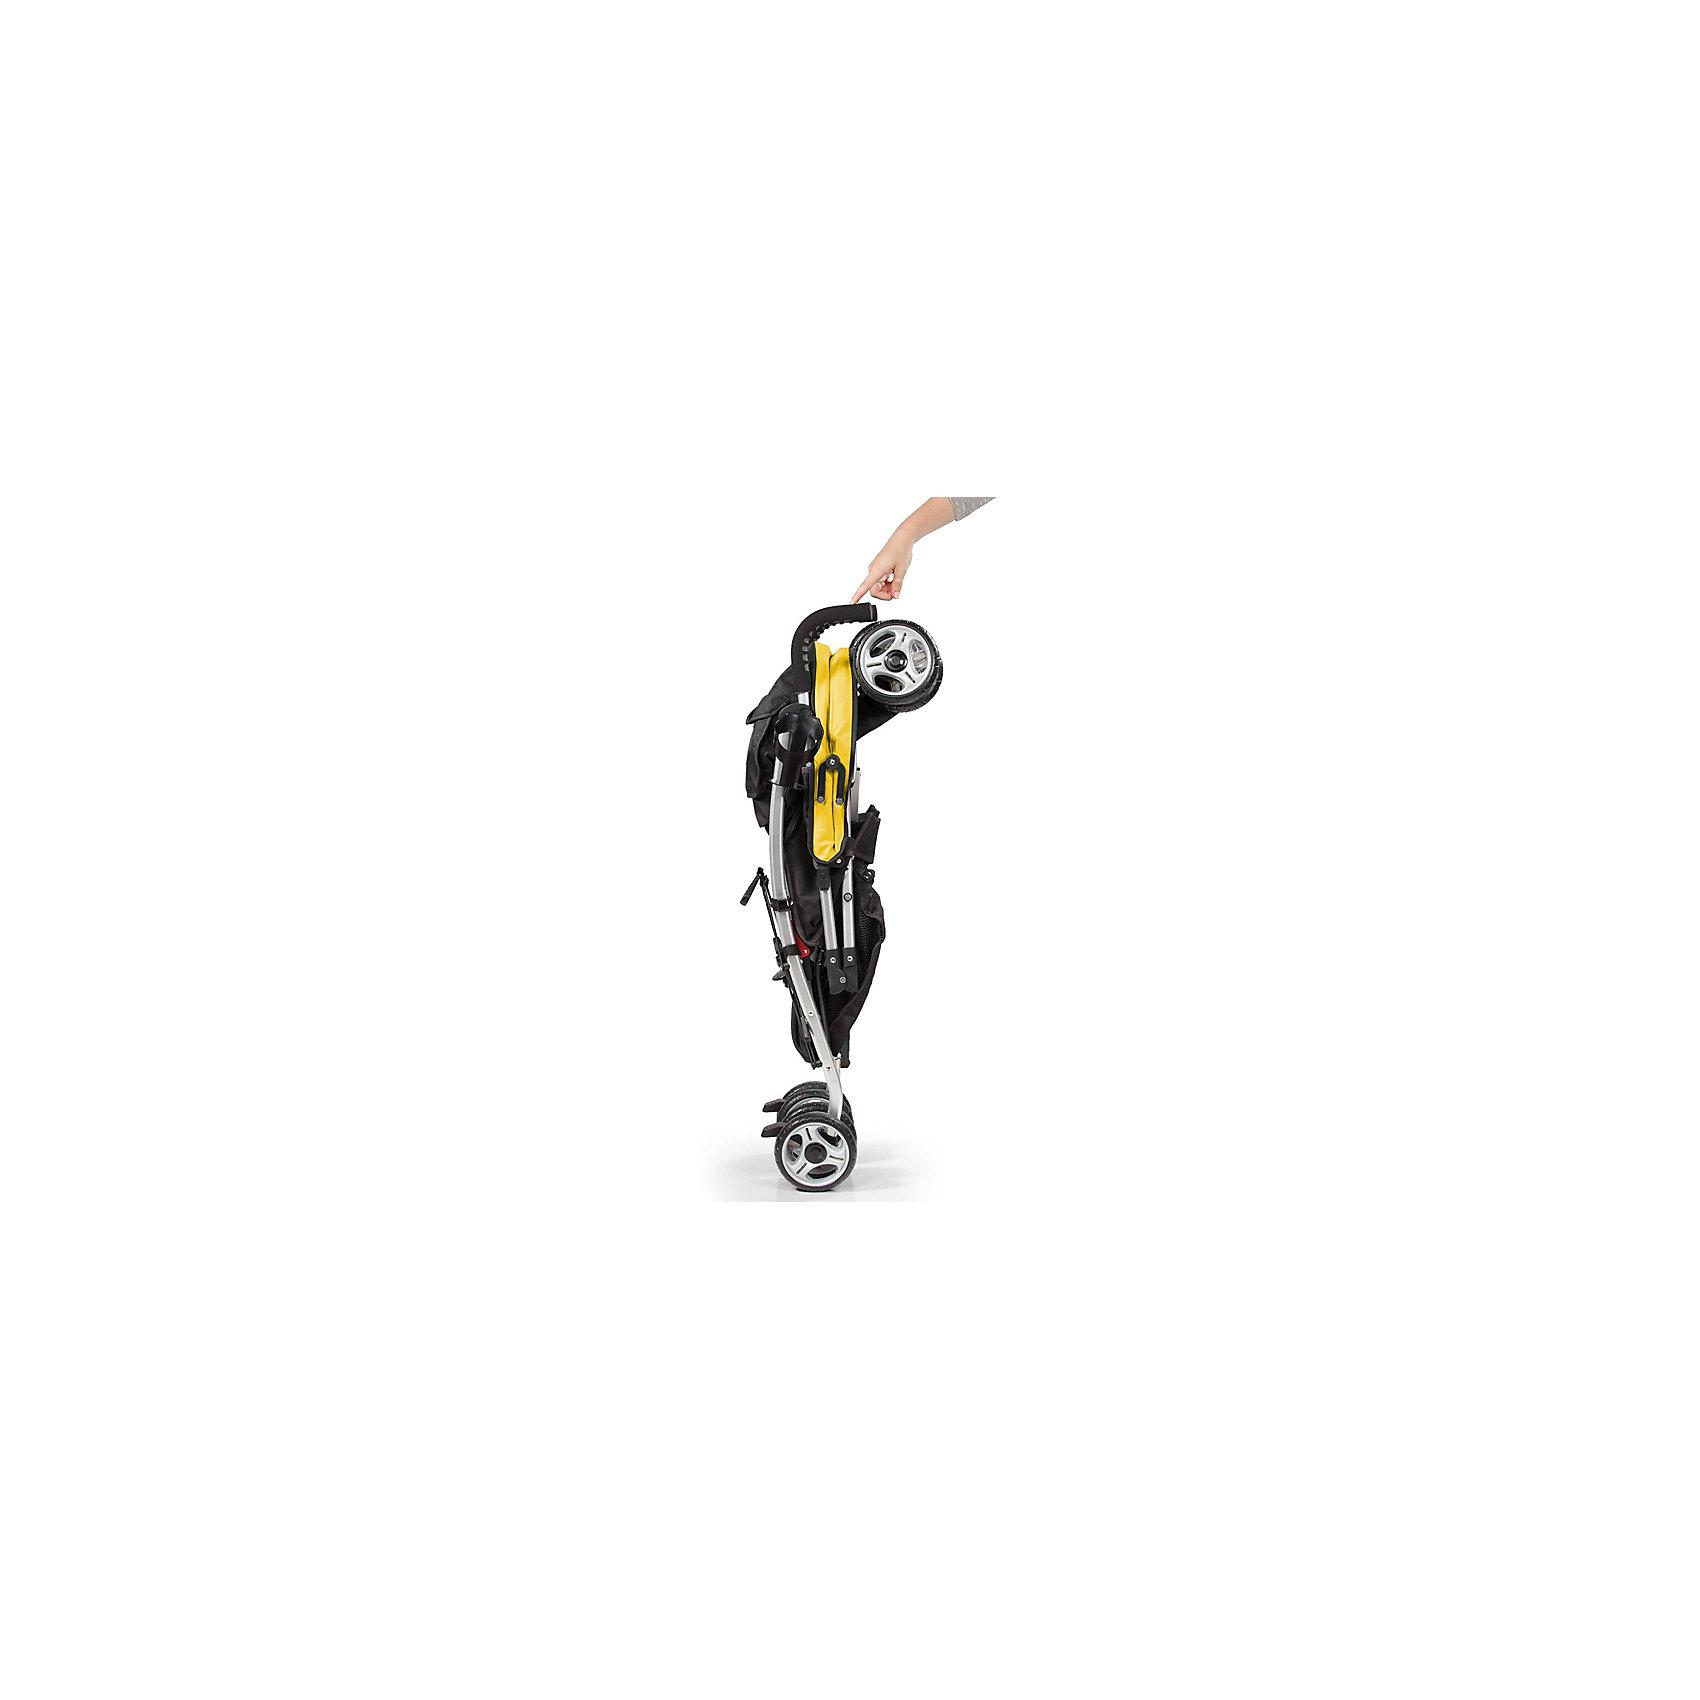 Коляска-трость Summer Infant 3D Lite, желтый